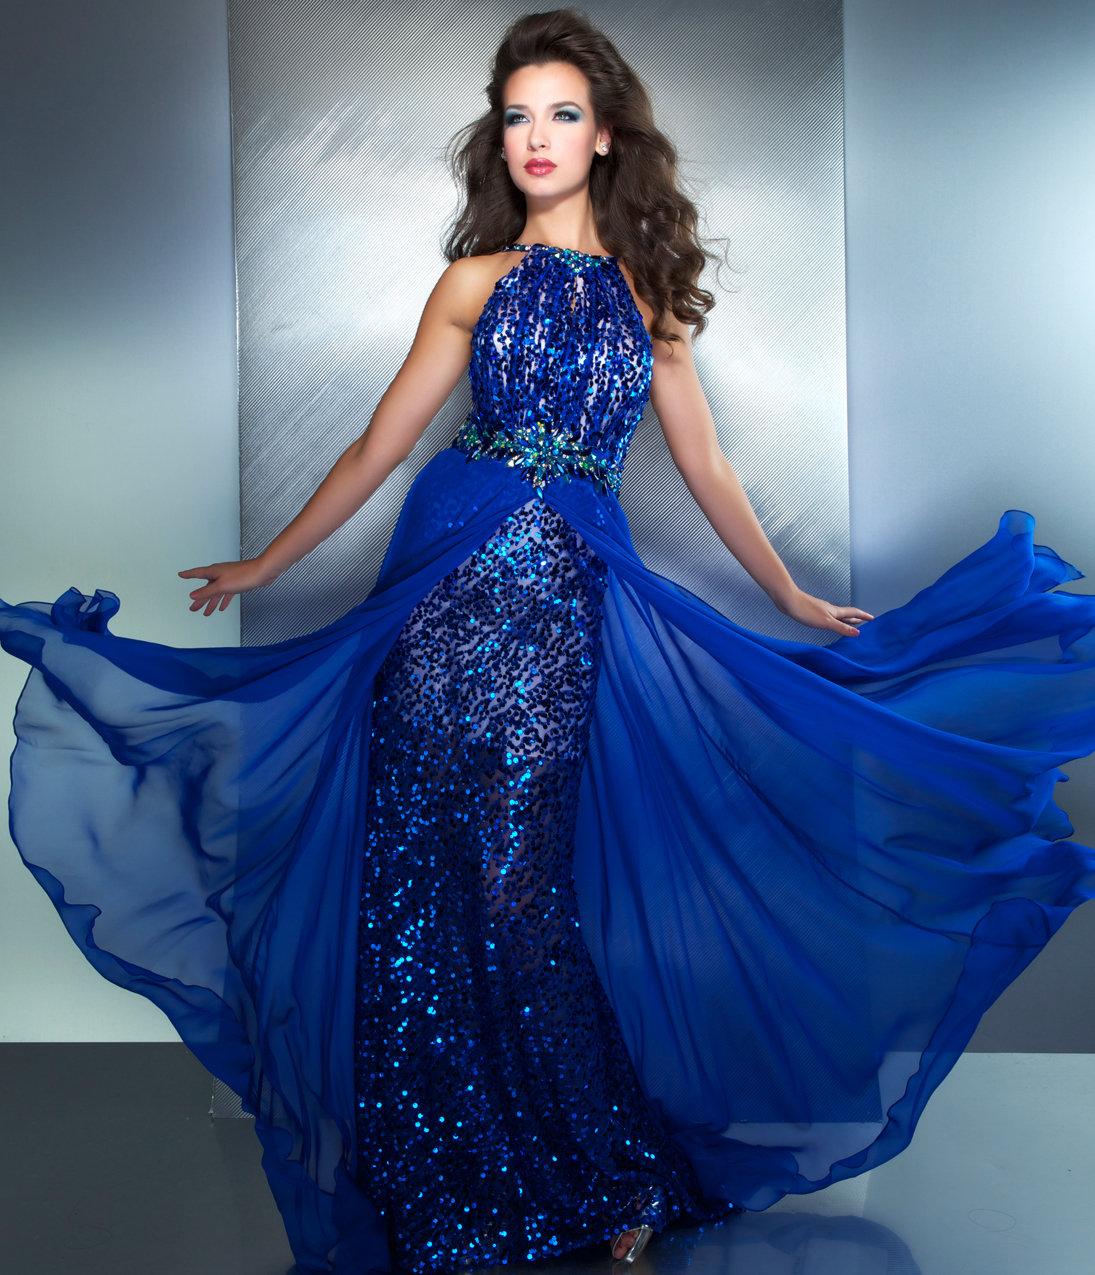 Formal Dresses In Memphis Tn: Professional Makeup Artist-SHUN